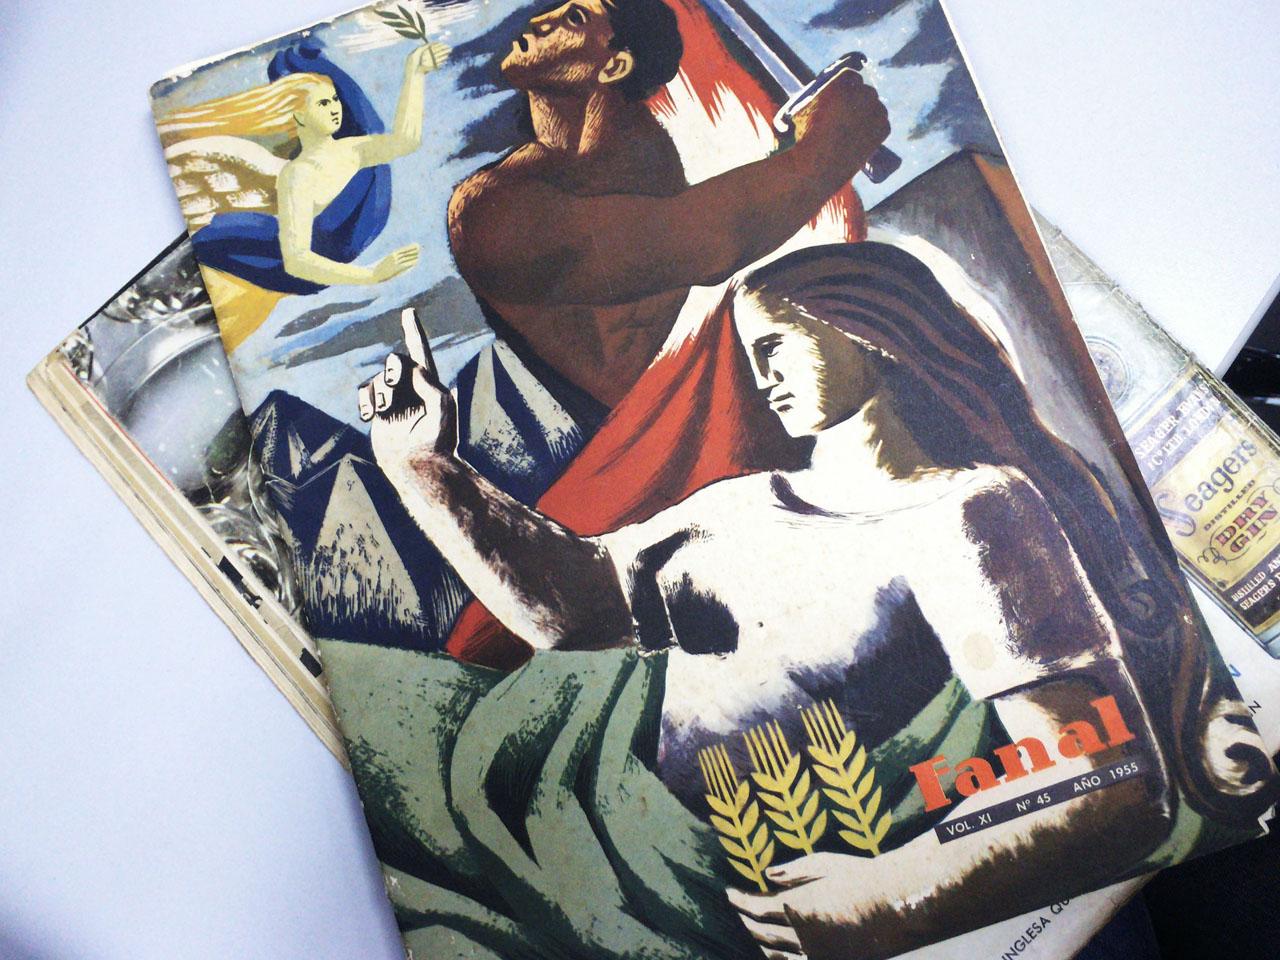 """La revista """"Fanal"""" de los años 50, tiene artículos sobre realidad social, política e historia nacional. Está súper interesante, además de que las portadas son increíbles."""